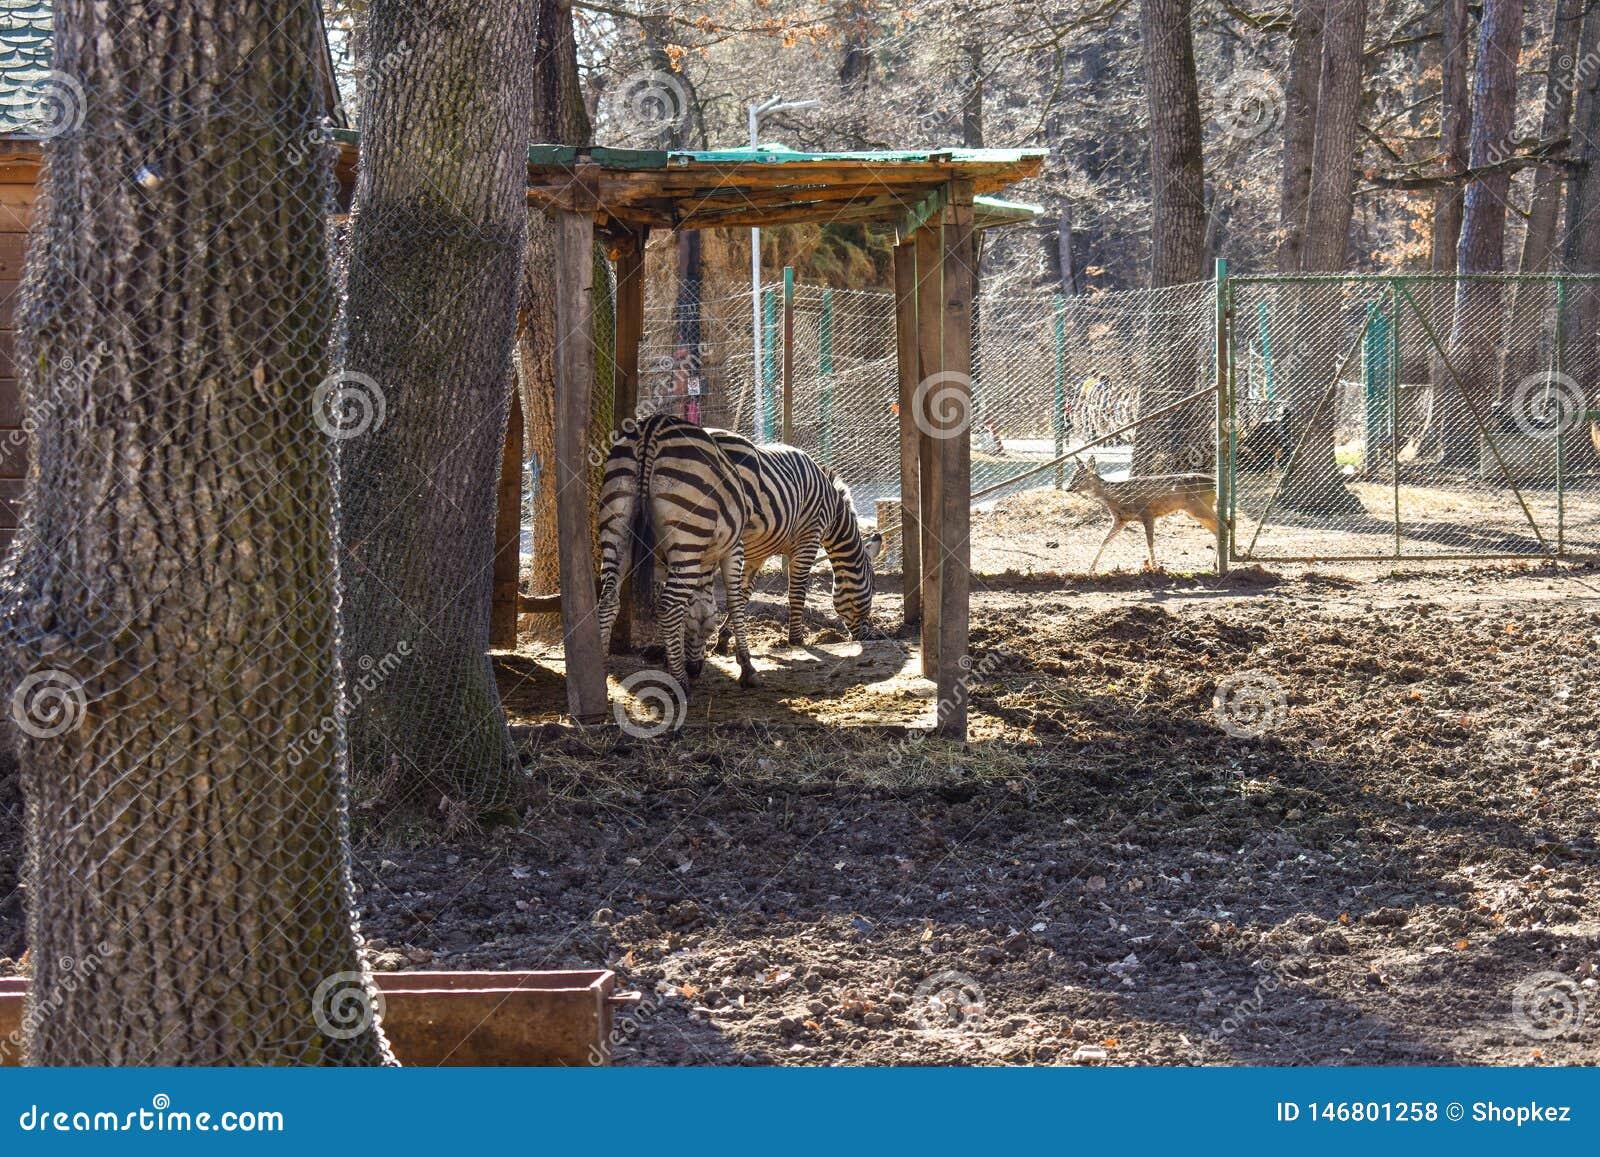 Herd of zebras in the ZOO